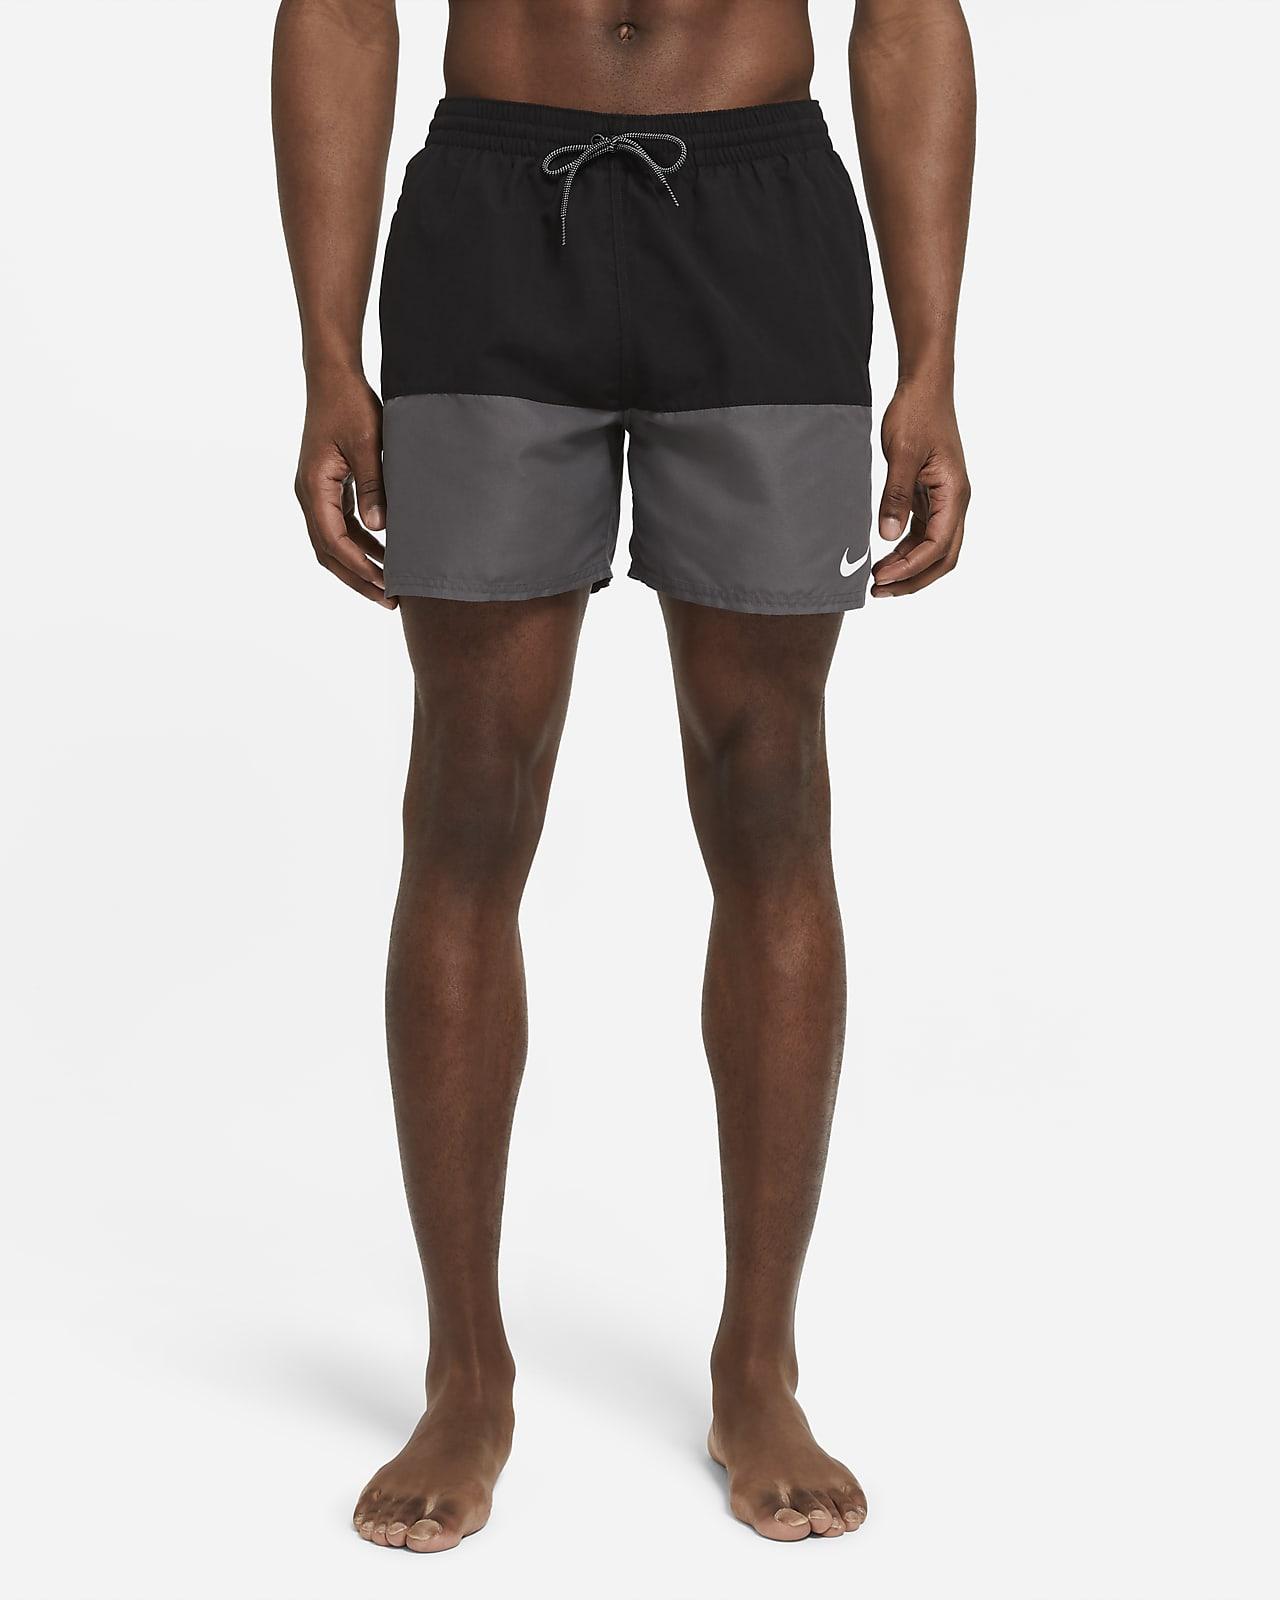 Nike Split Herren-Badeshorts (ca. 12,5 cm)